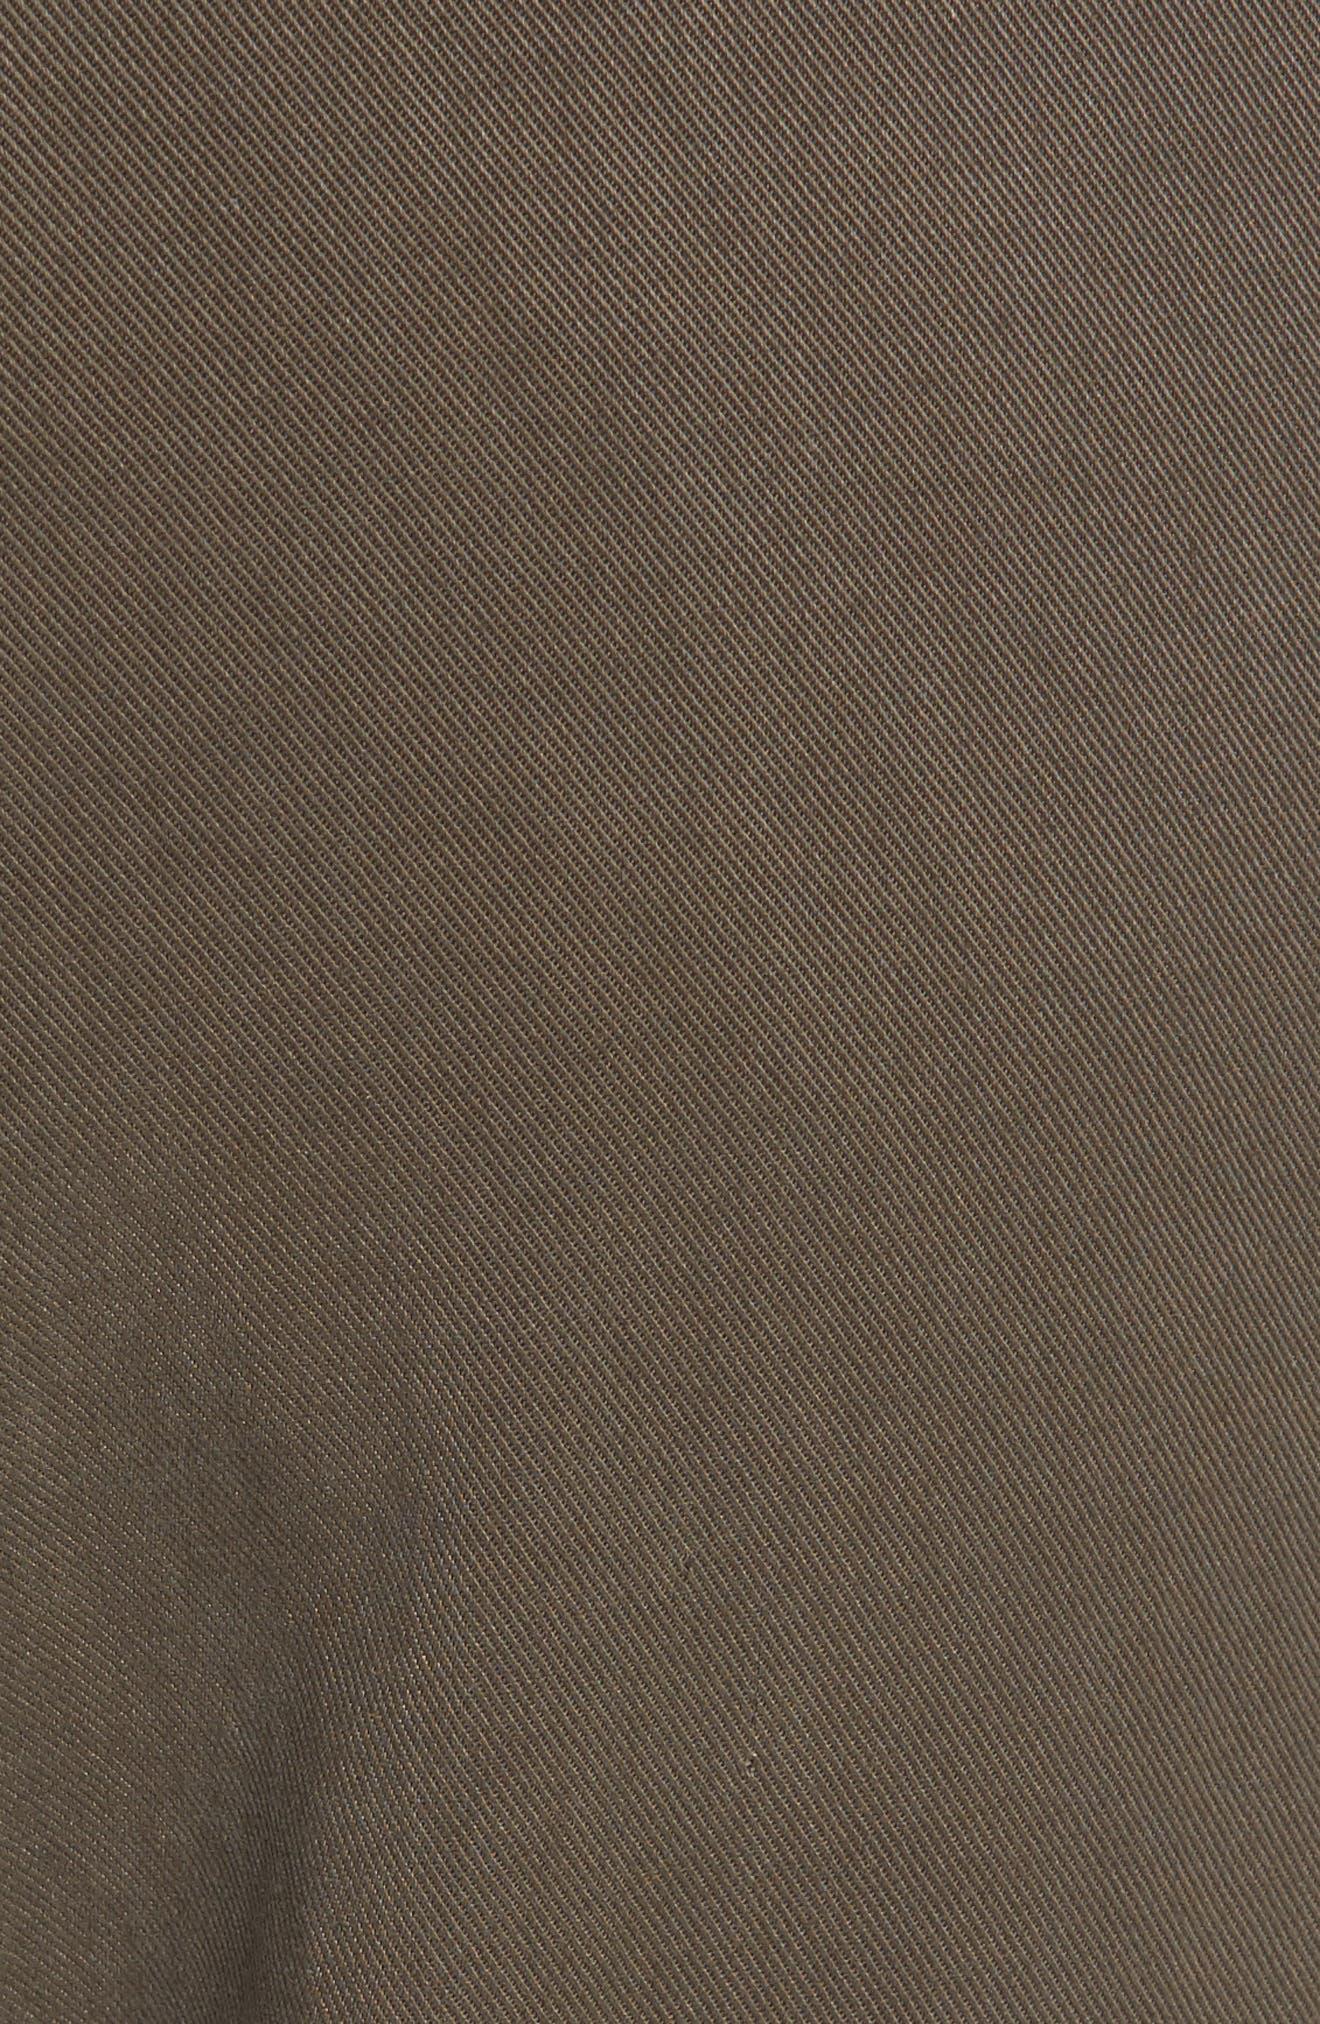 Ankle Tie Tencel Pants,                             Alternate thumbnail 5, color,                             307